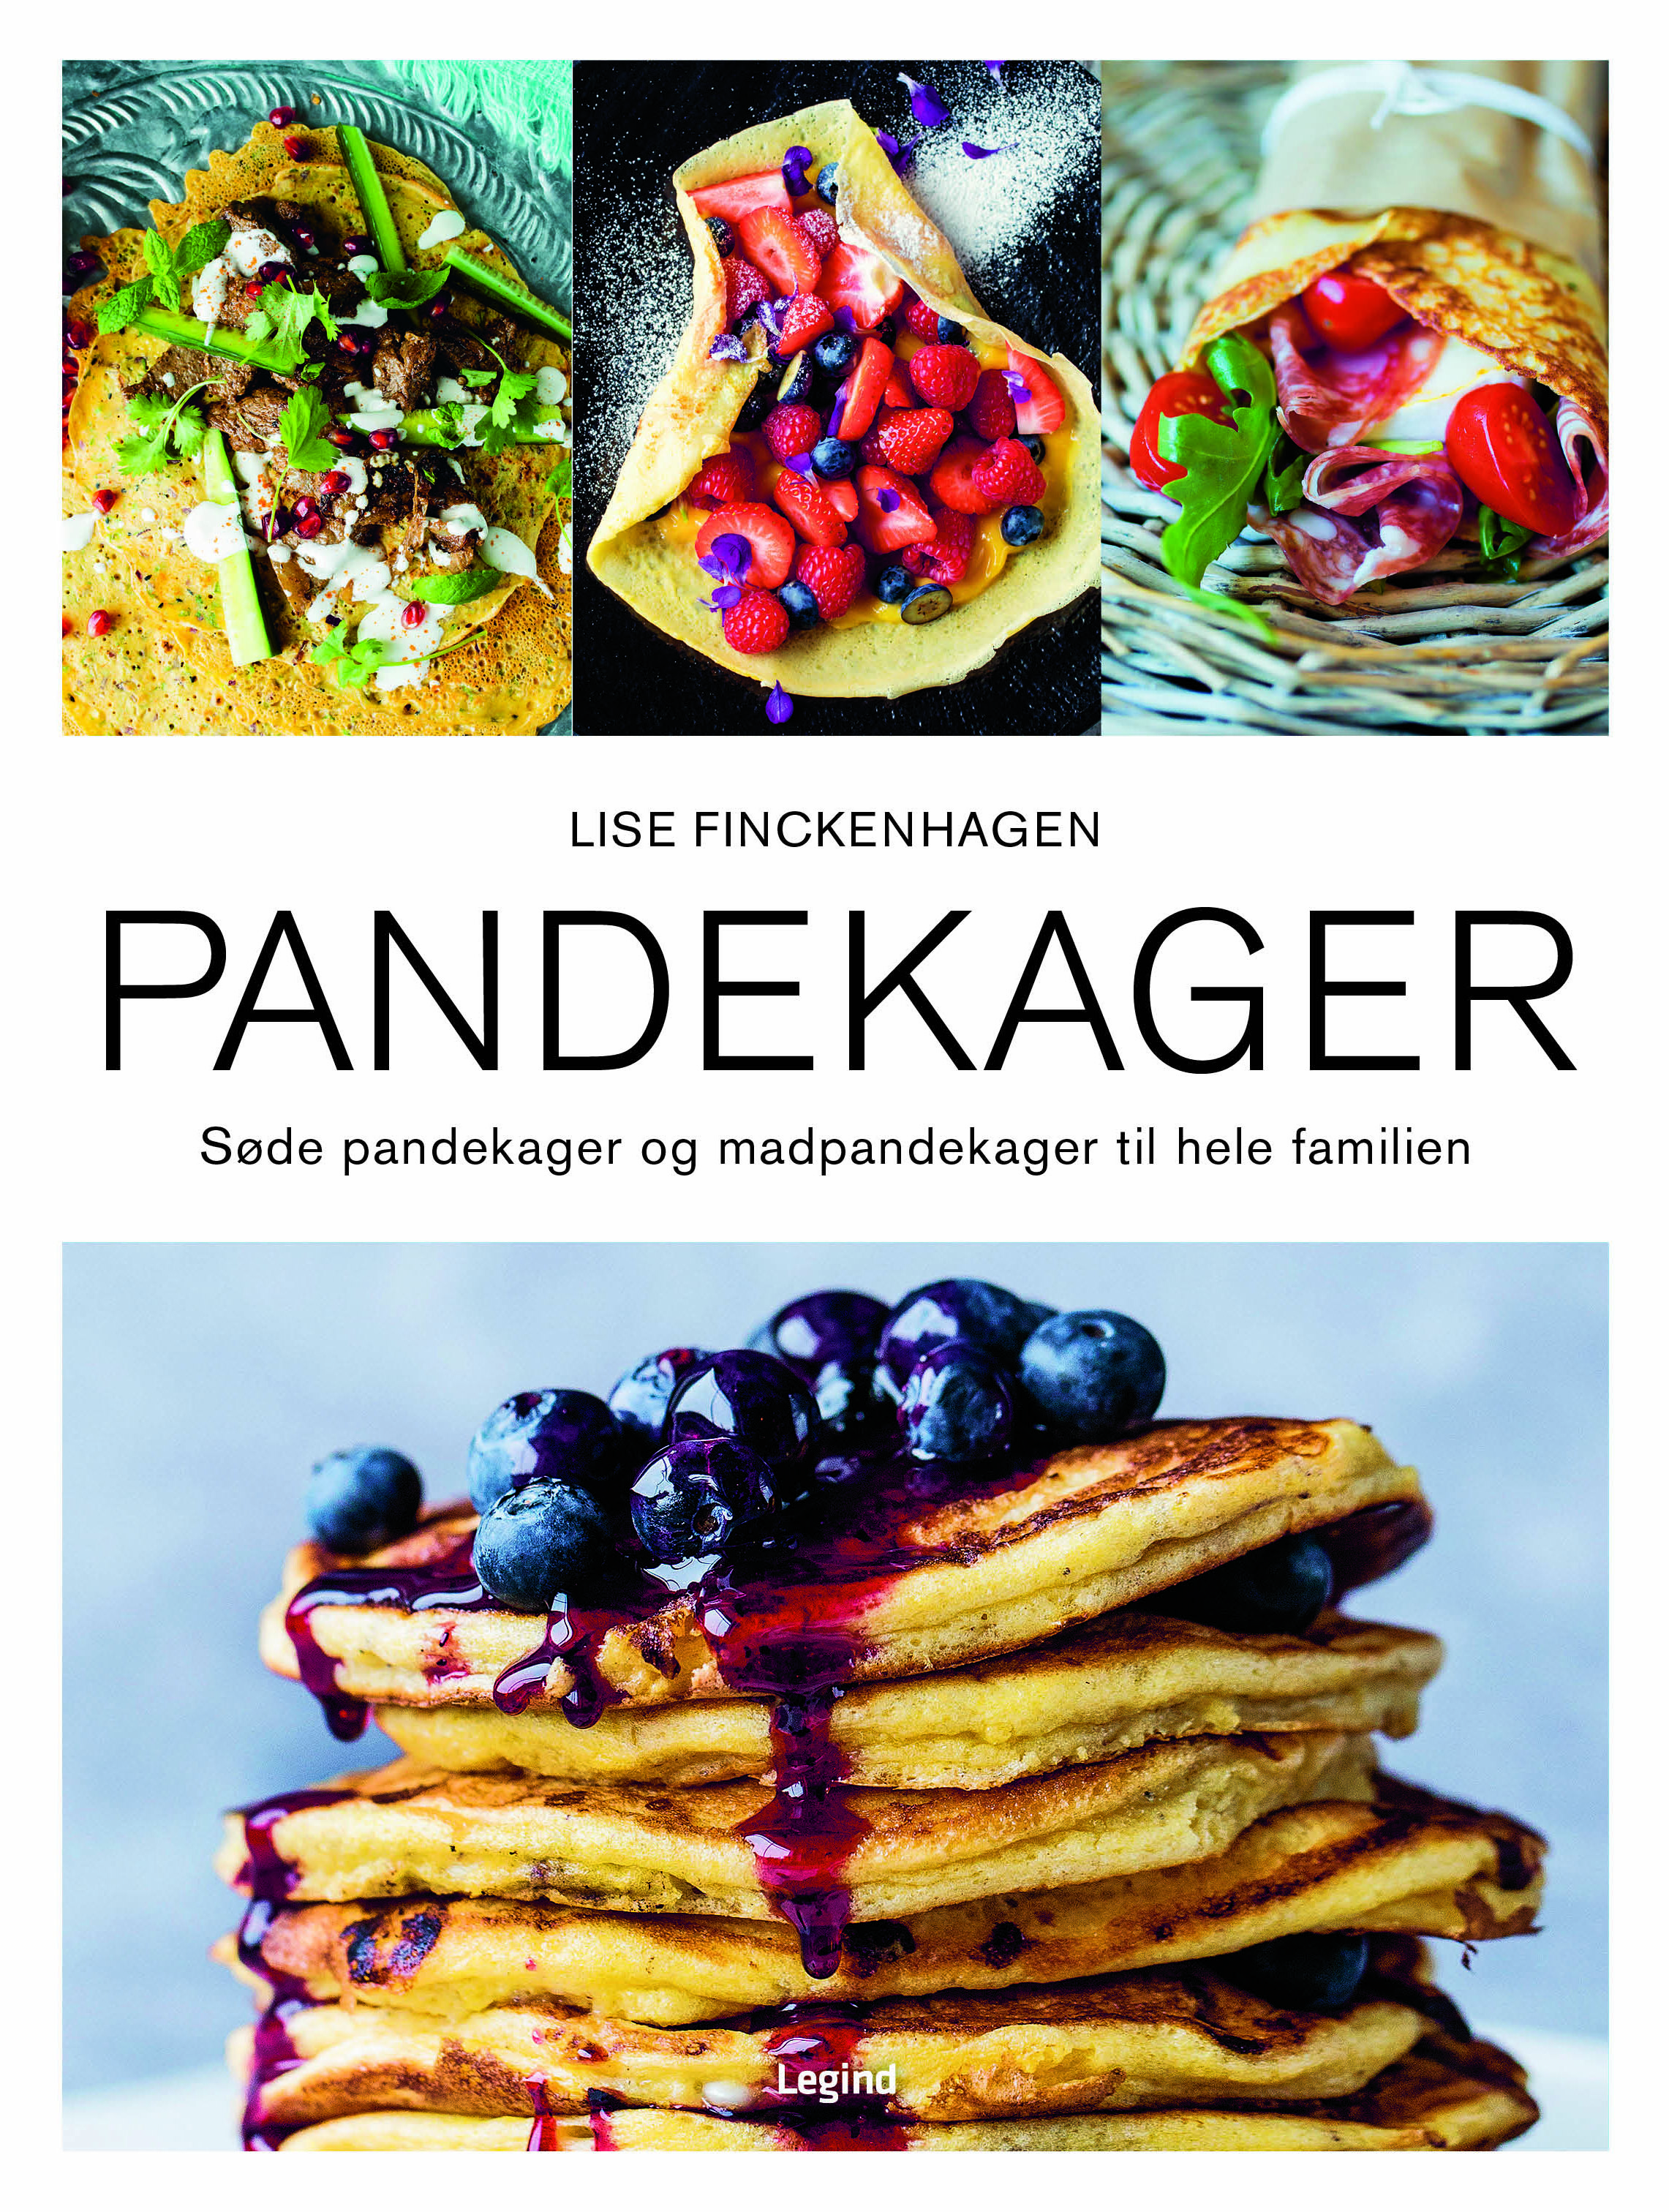 Pandekager - Design by Martin Flink